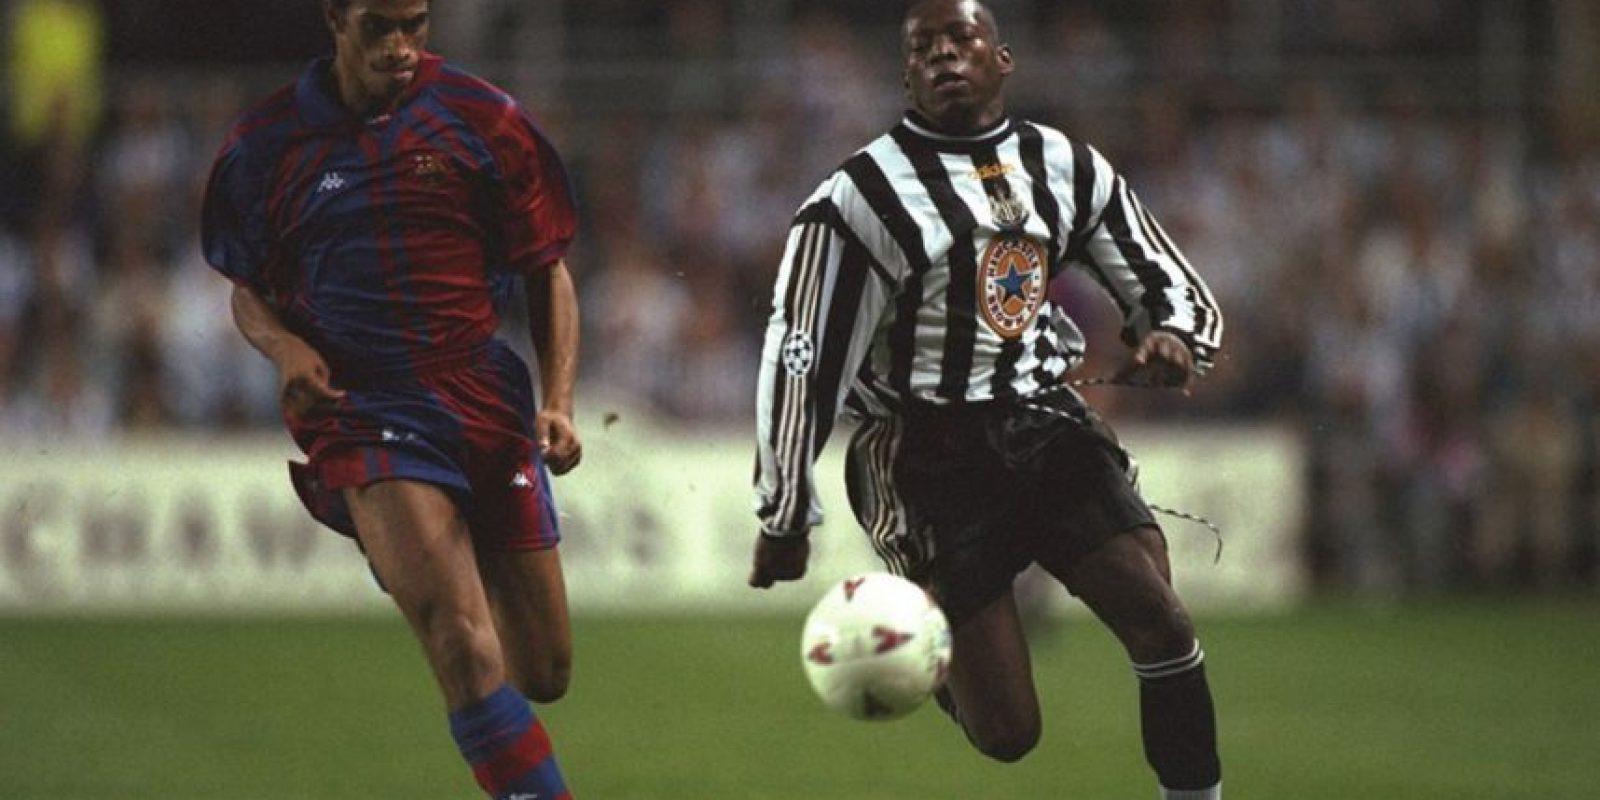 Faustino Asprilla marcó 3 goles en la Champions League 1997/98 frente al Barcelona en un solo partido.